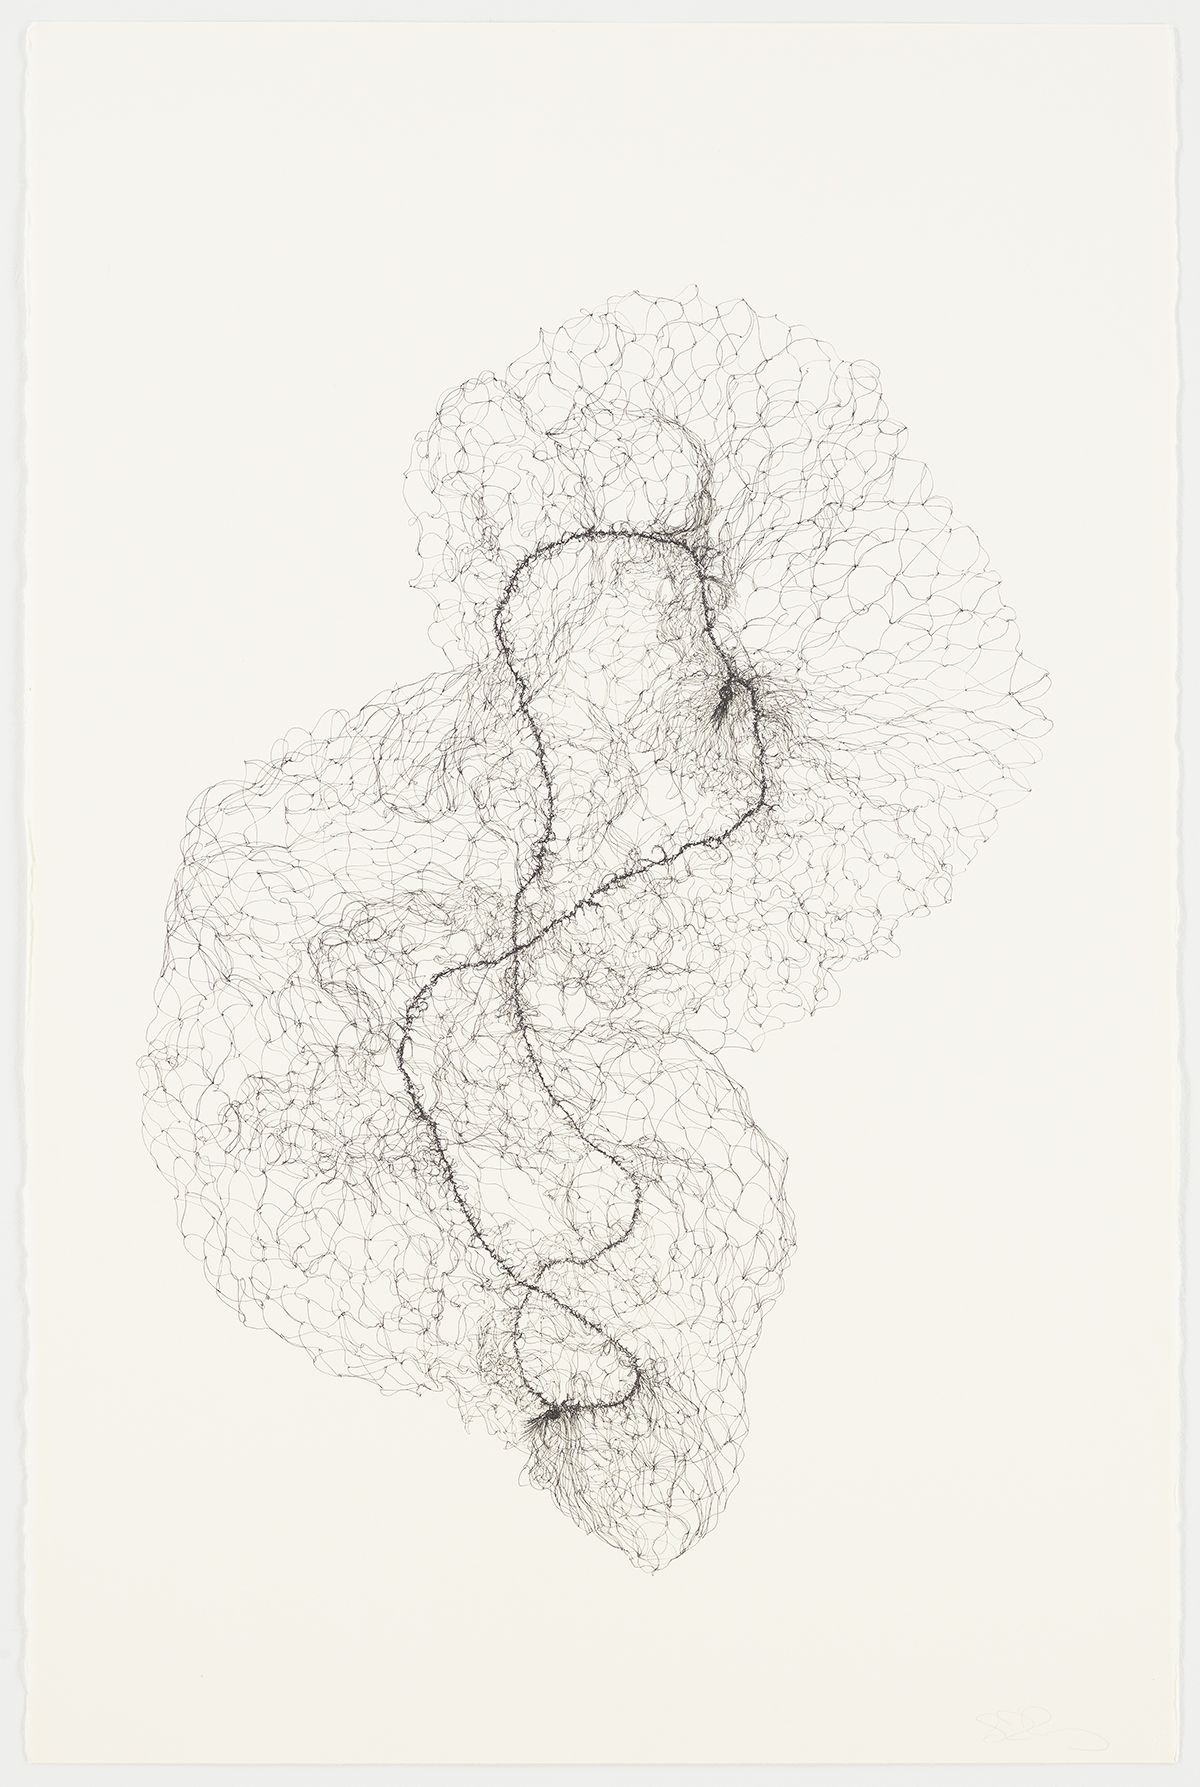 Susie MacMurray, Hairnet Drawing, 2013